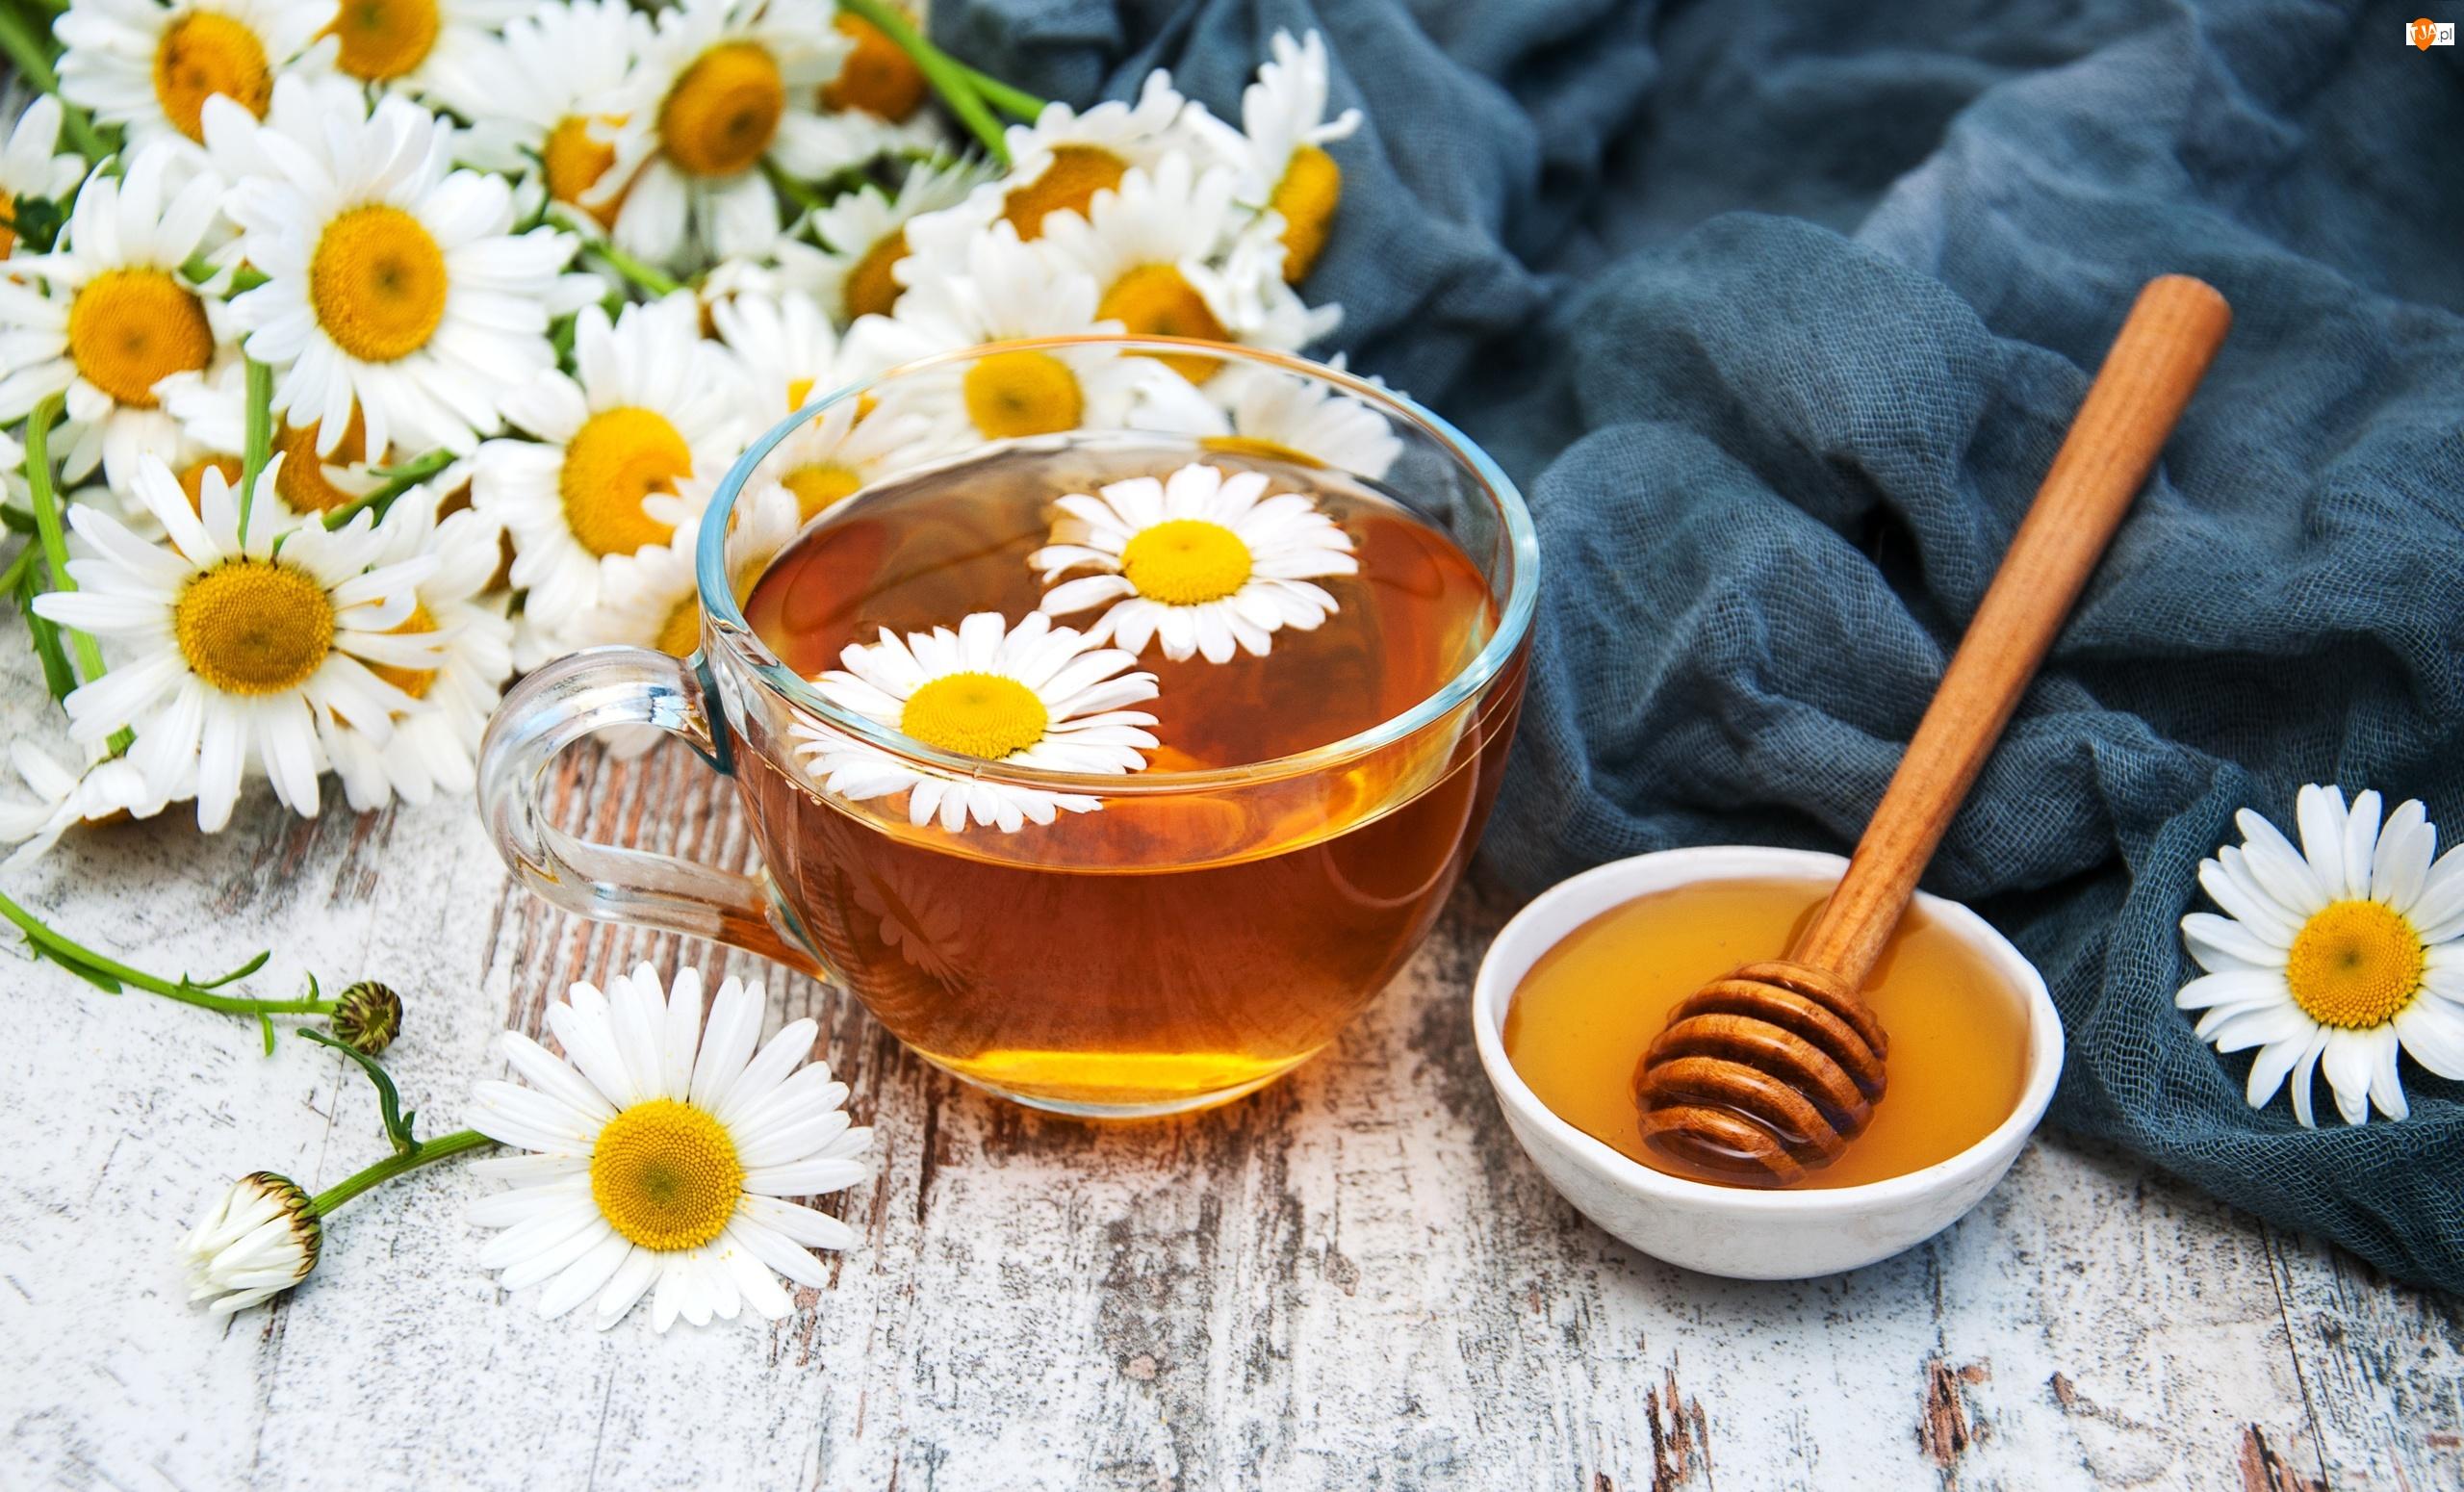 Rumianek, Herbata, Przyroda, Filiżanka, Miód, Kwiaty